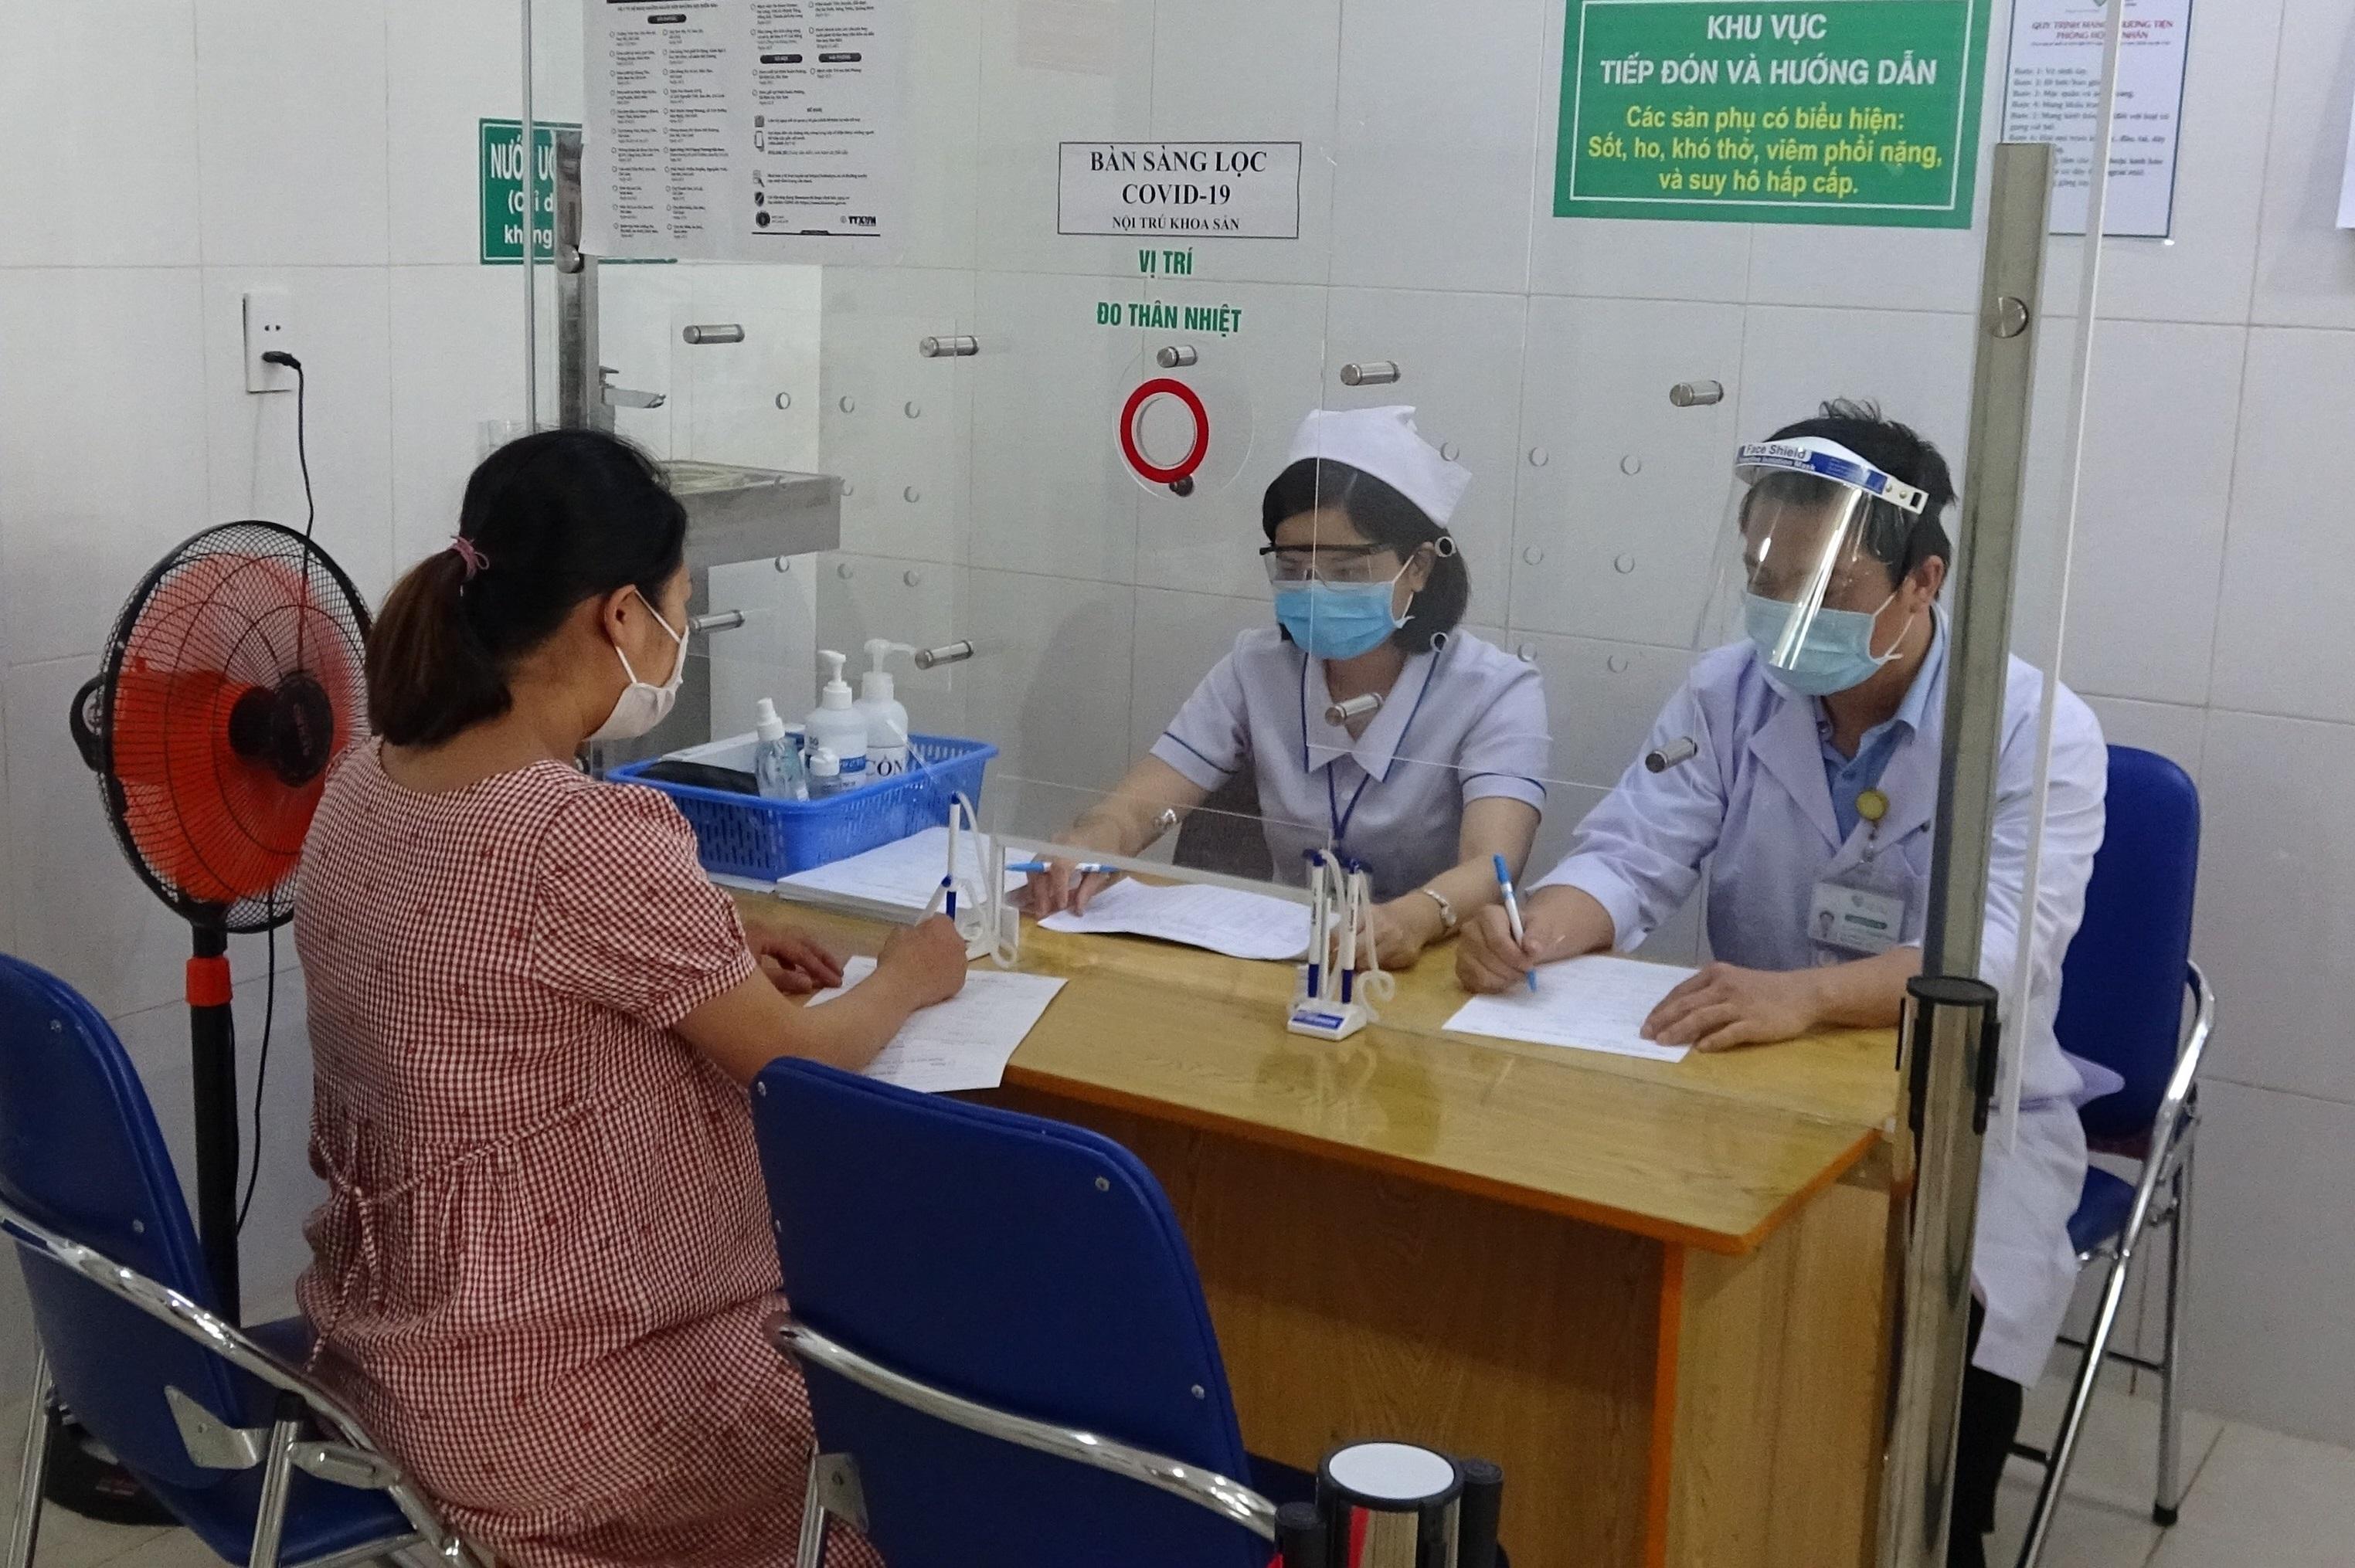 Bệnh Viện Thiện Hạnh Hoạt động Bình Thường Trở Lại